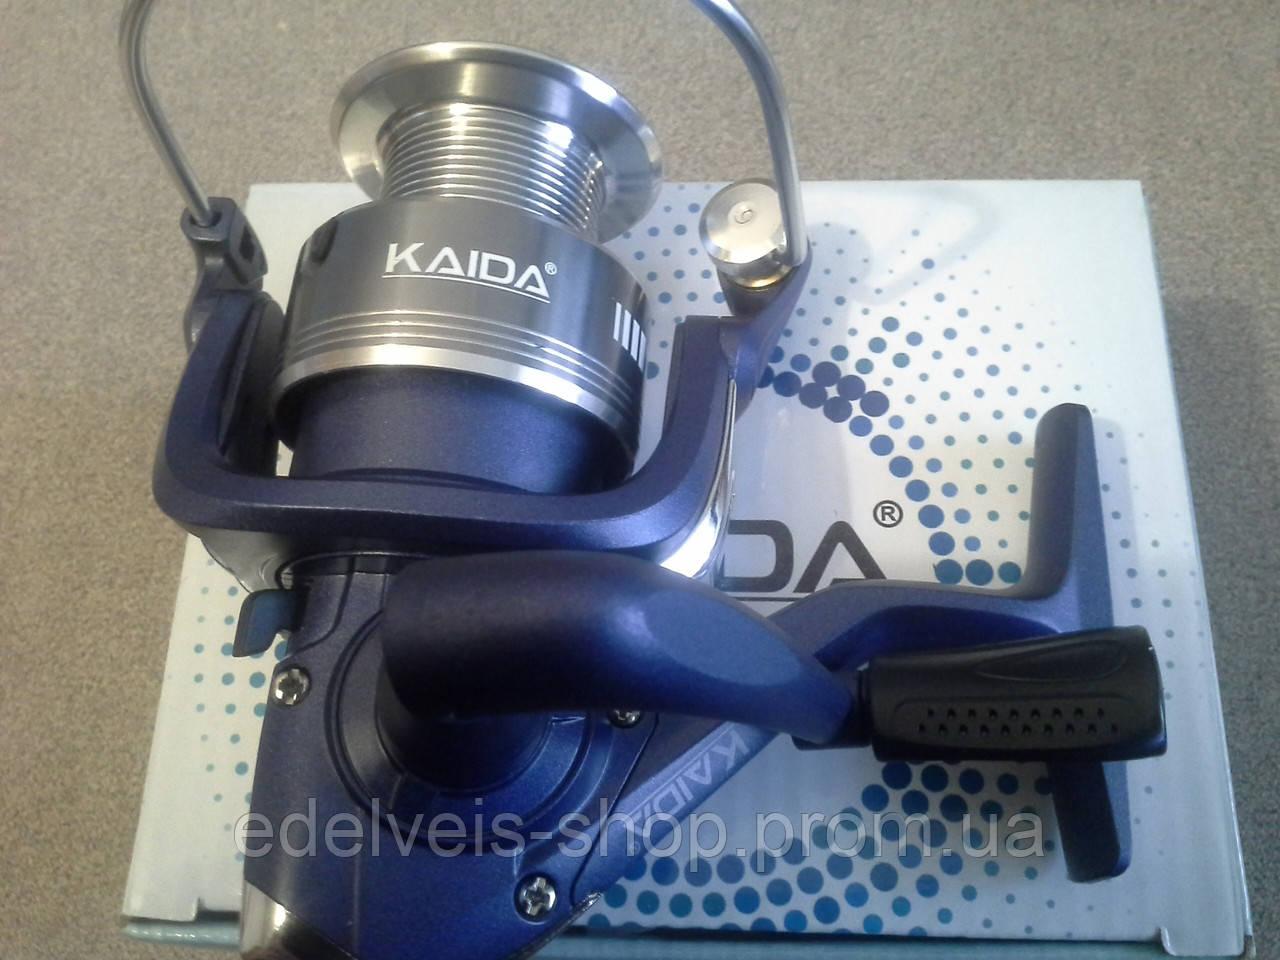 Катушка  спиннинговая Kaida HX 30A 3+1bb